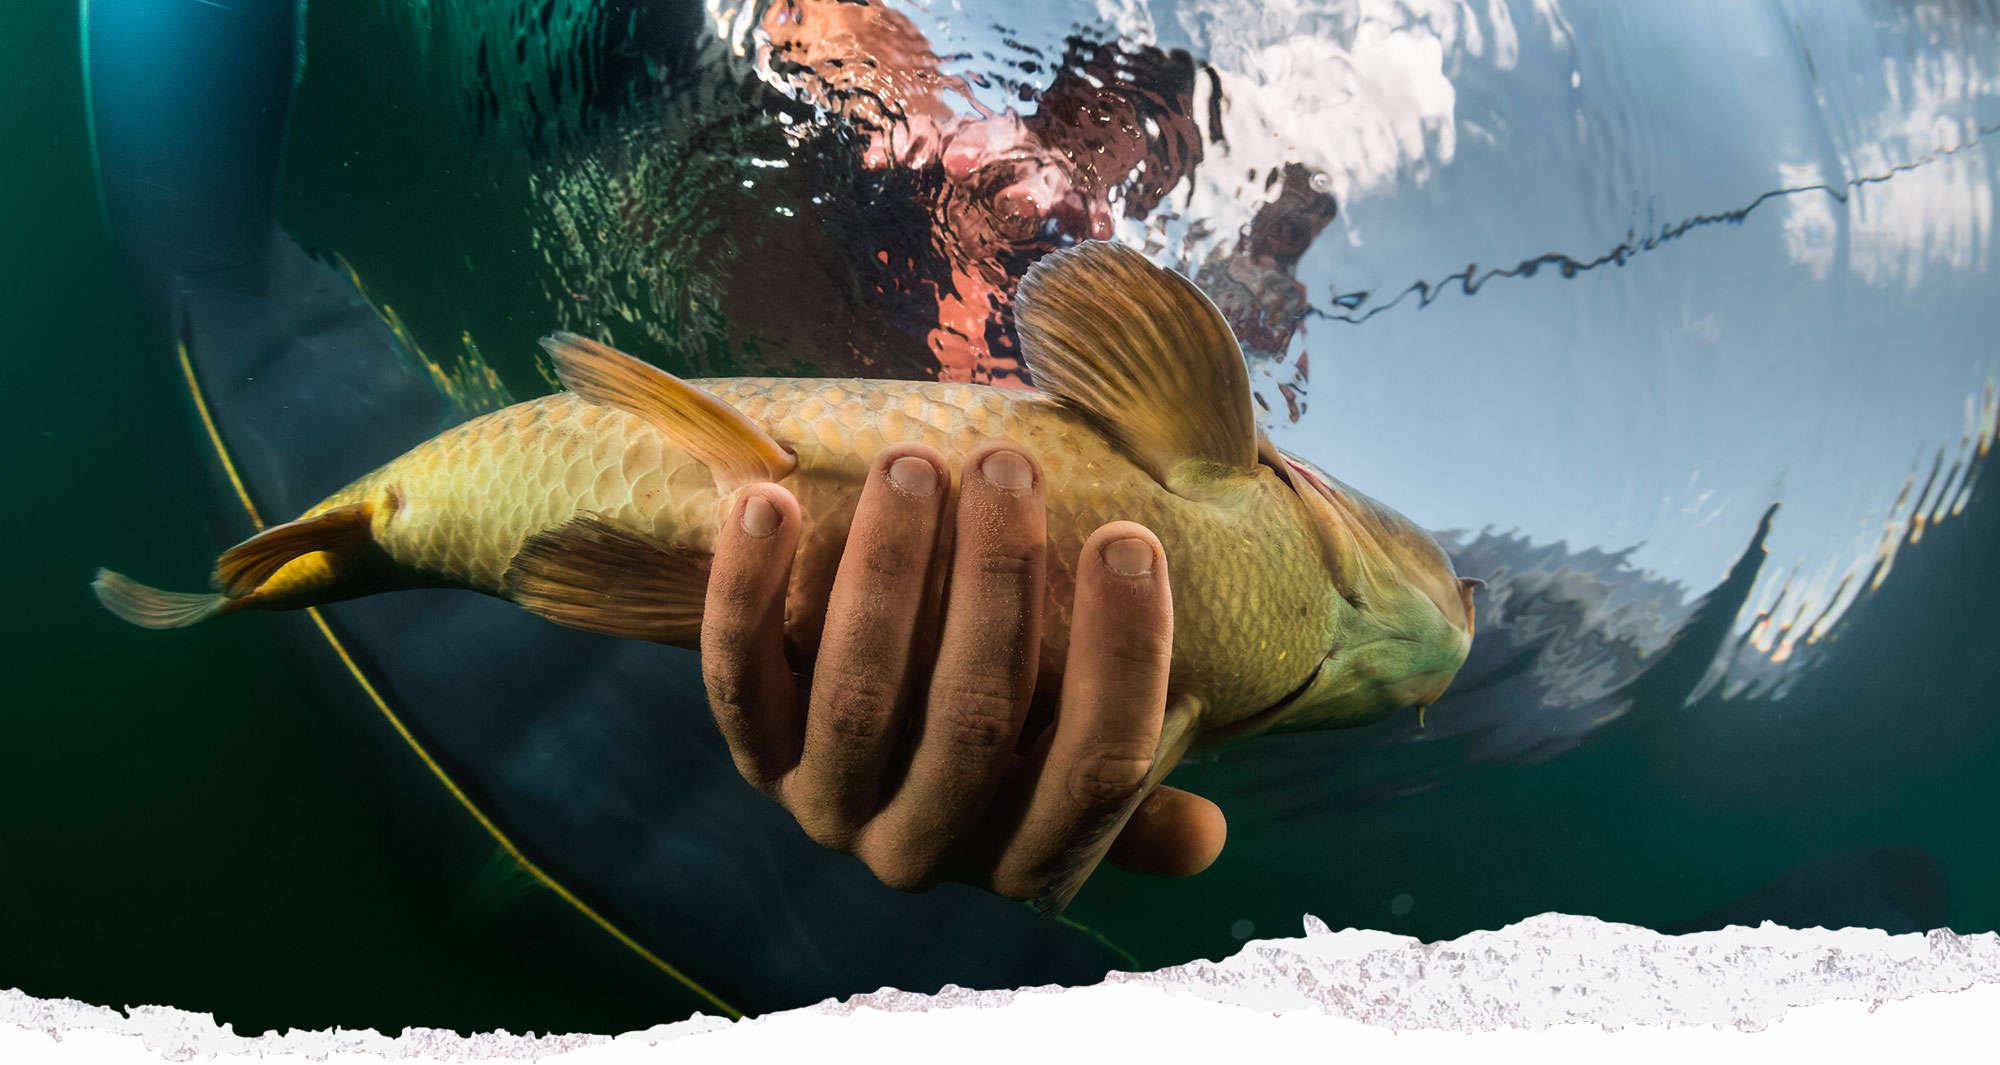 Hand grabbing fish underwater view